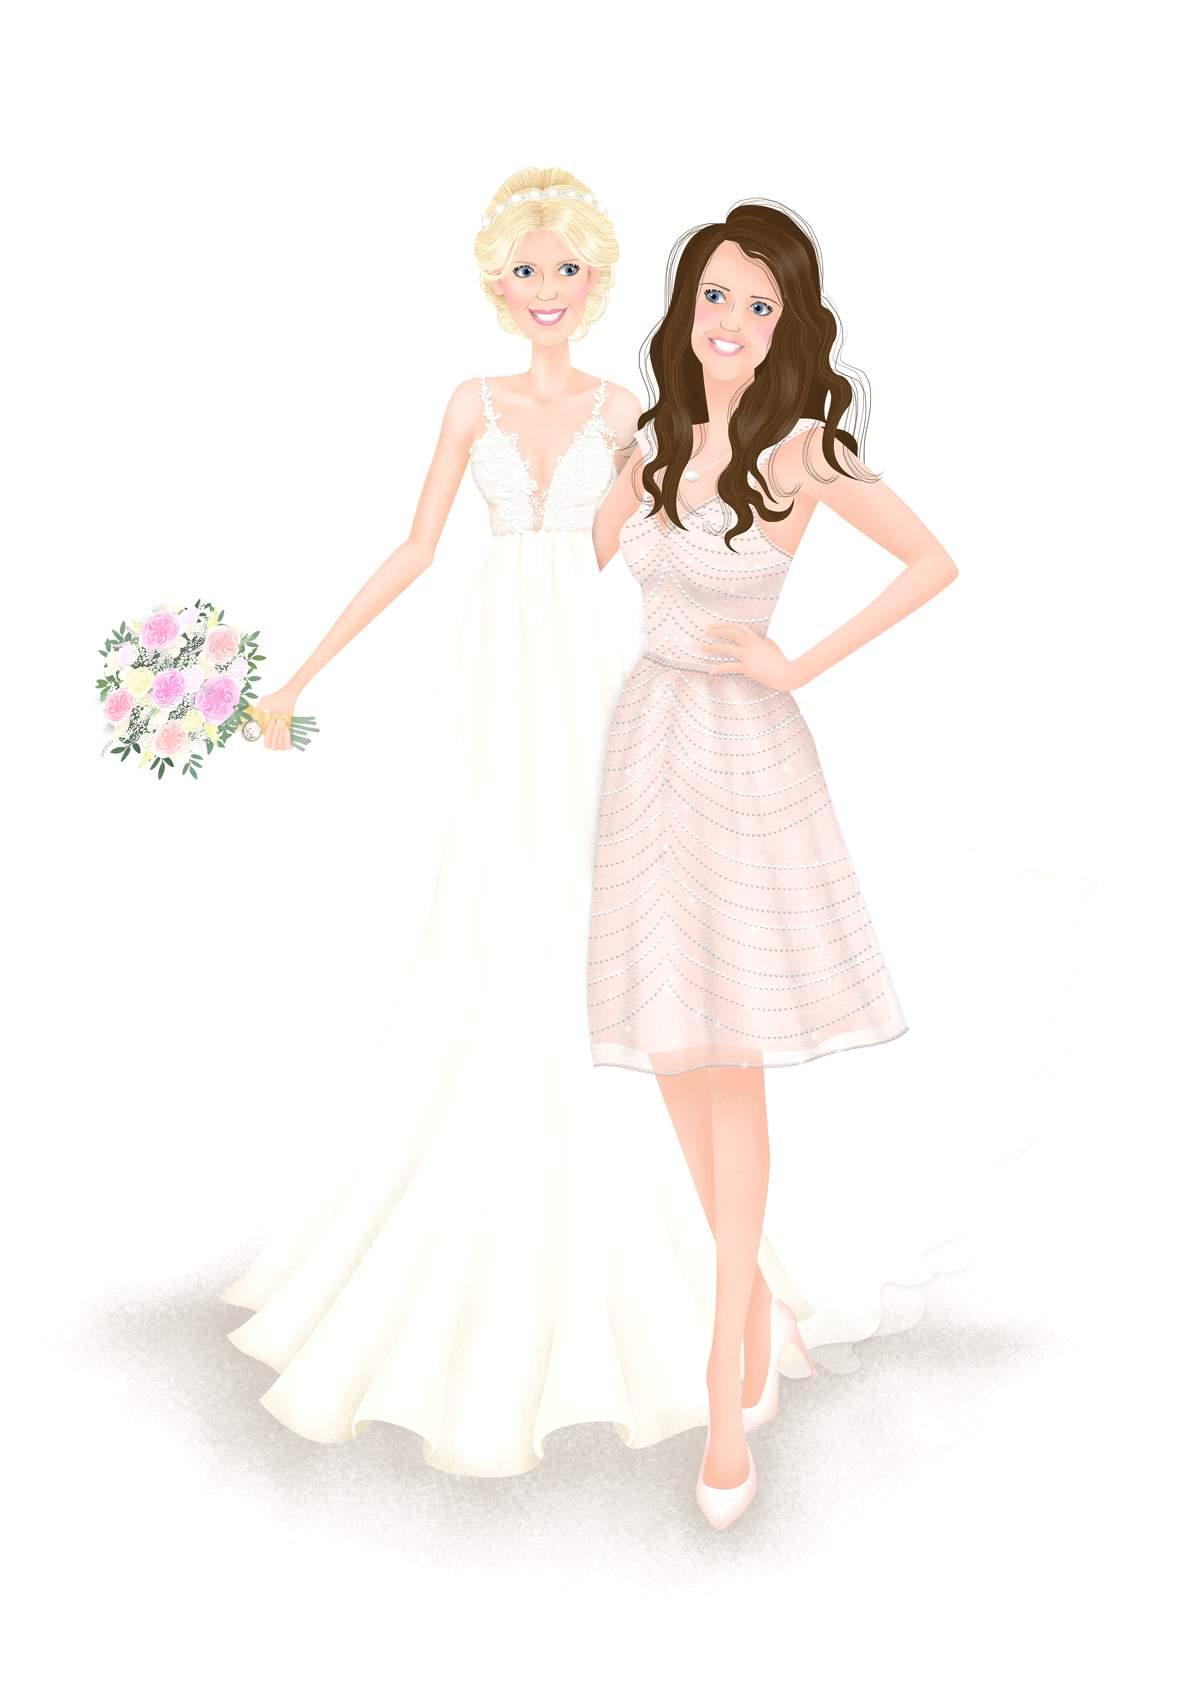 BRIDE AND BRIDESMAID ARTWORK - A4